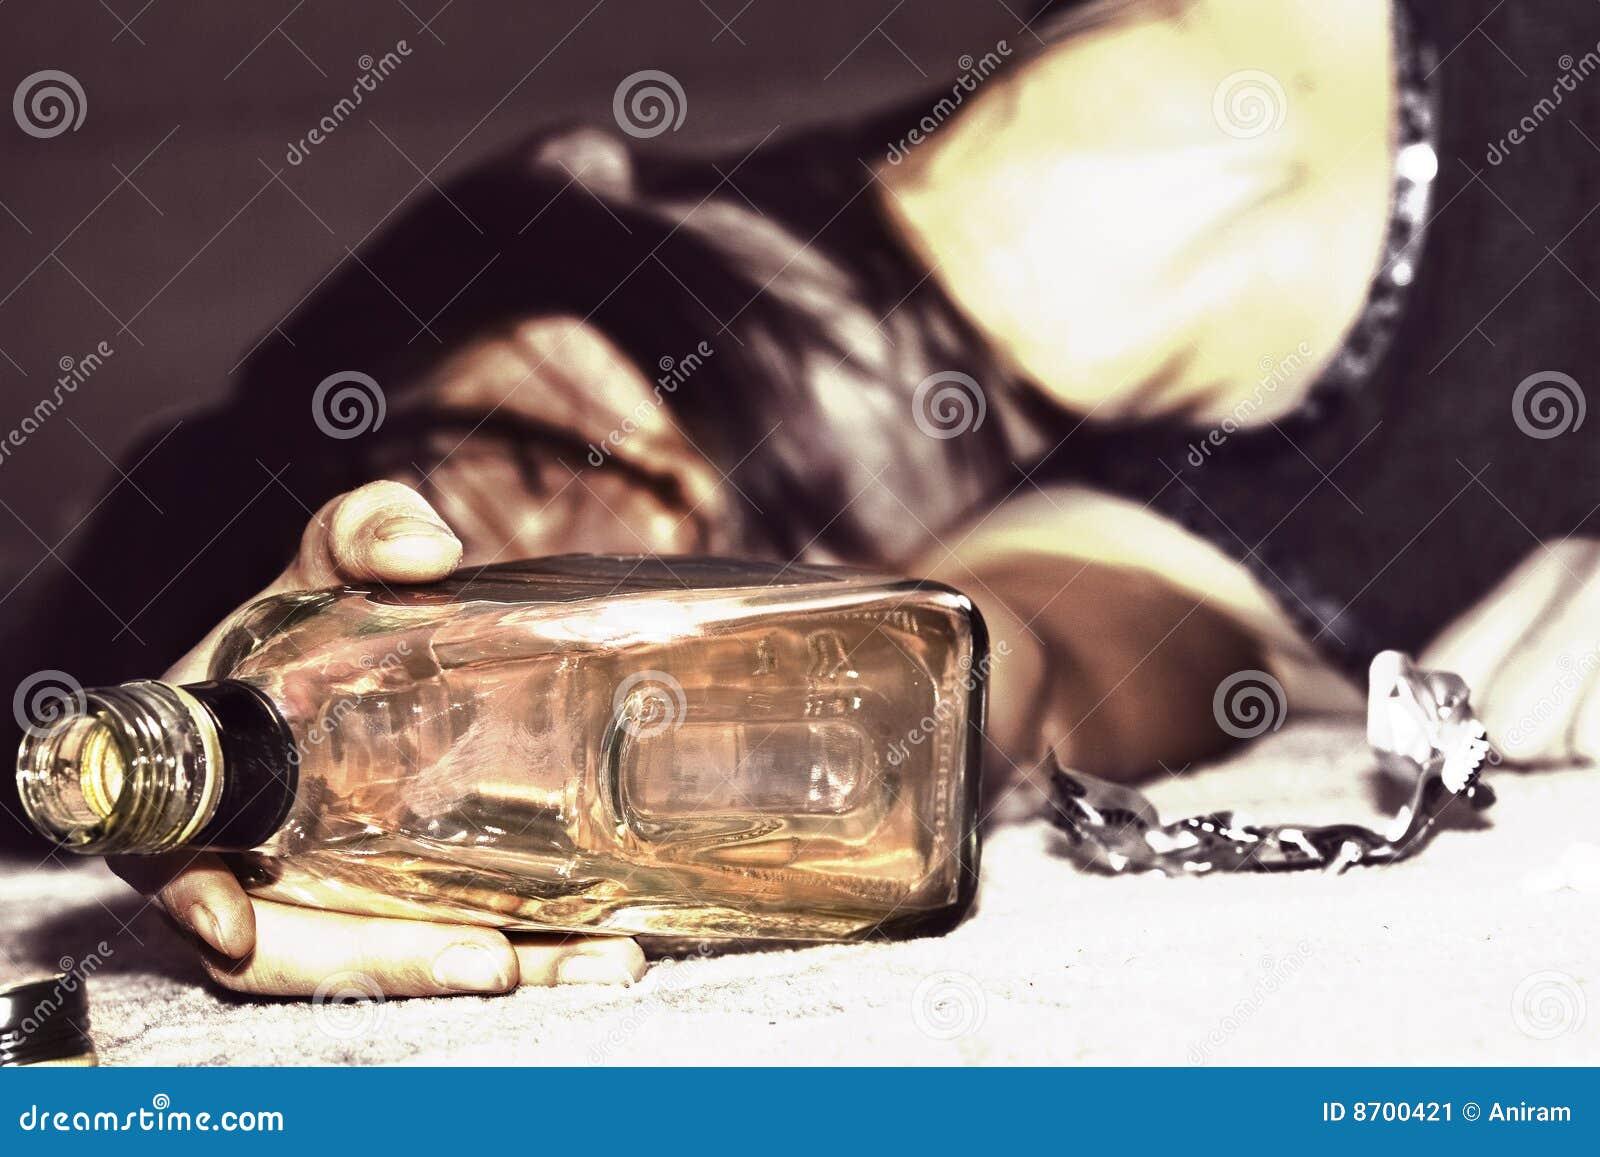 Пьяные девочки и сперма 27 фотография